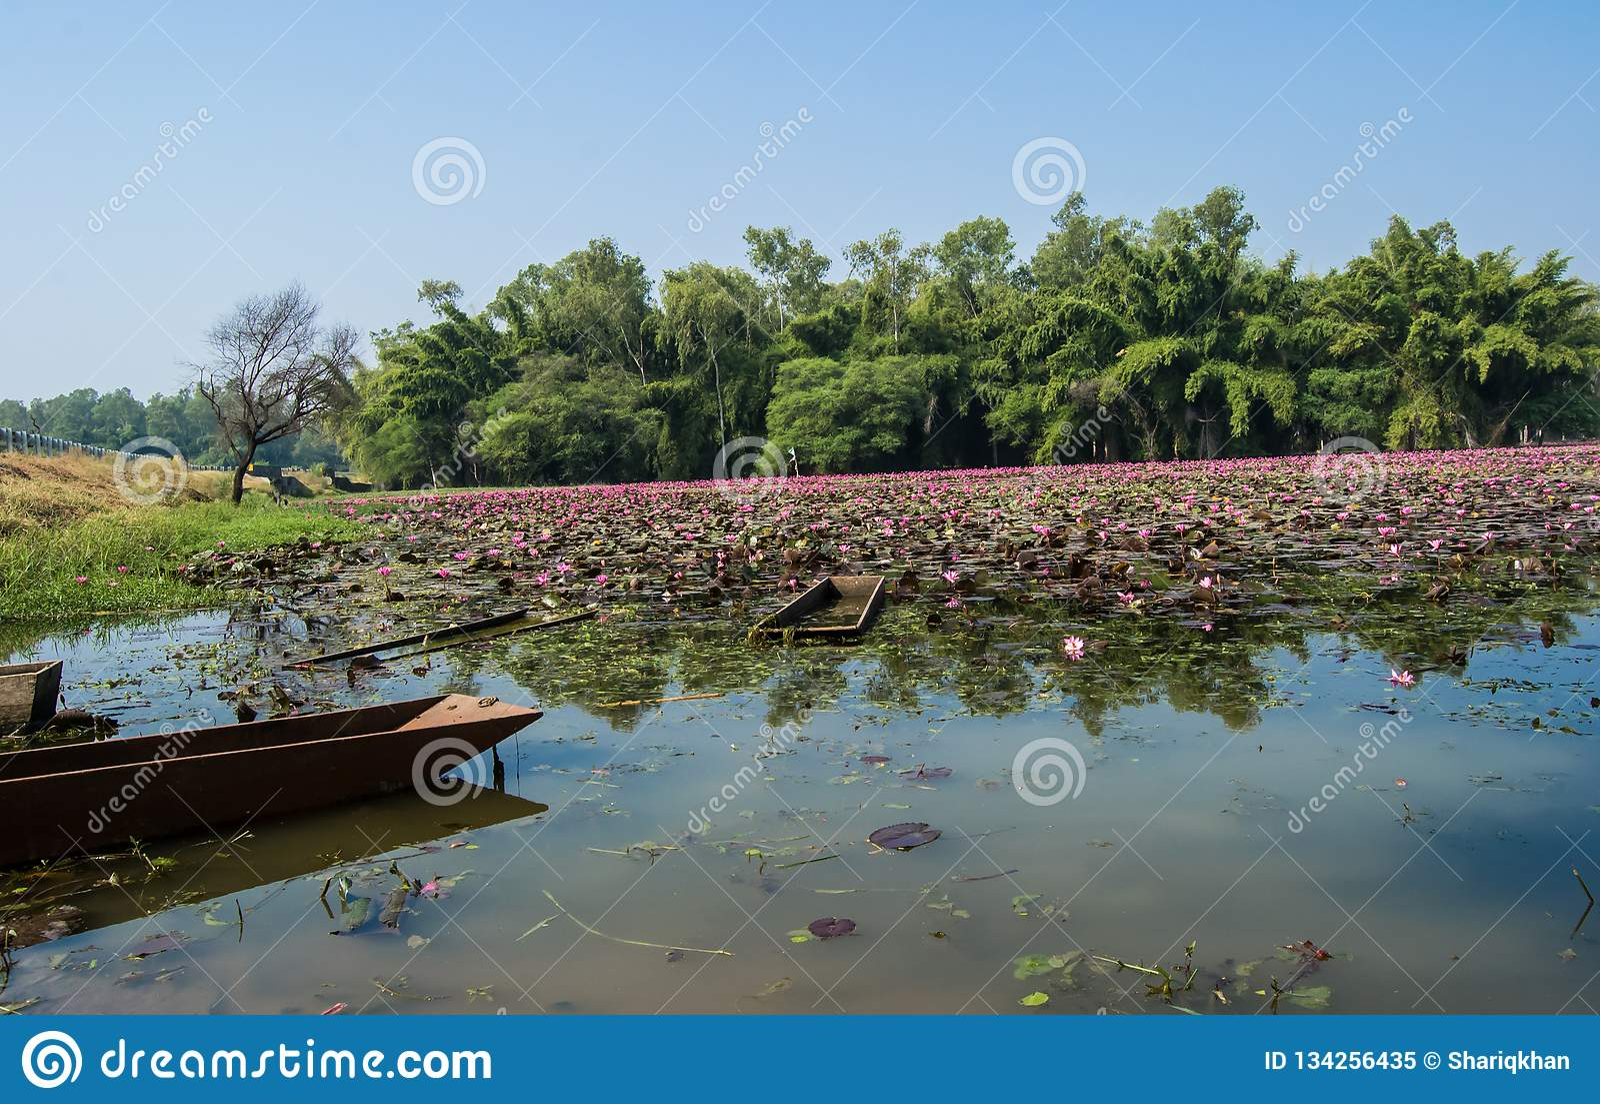 Βάρκα στα δέντρα και το τοπίο της Lilly ενός λιμνών νερού